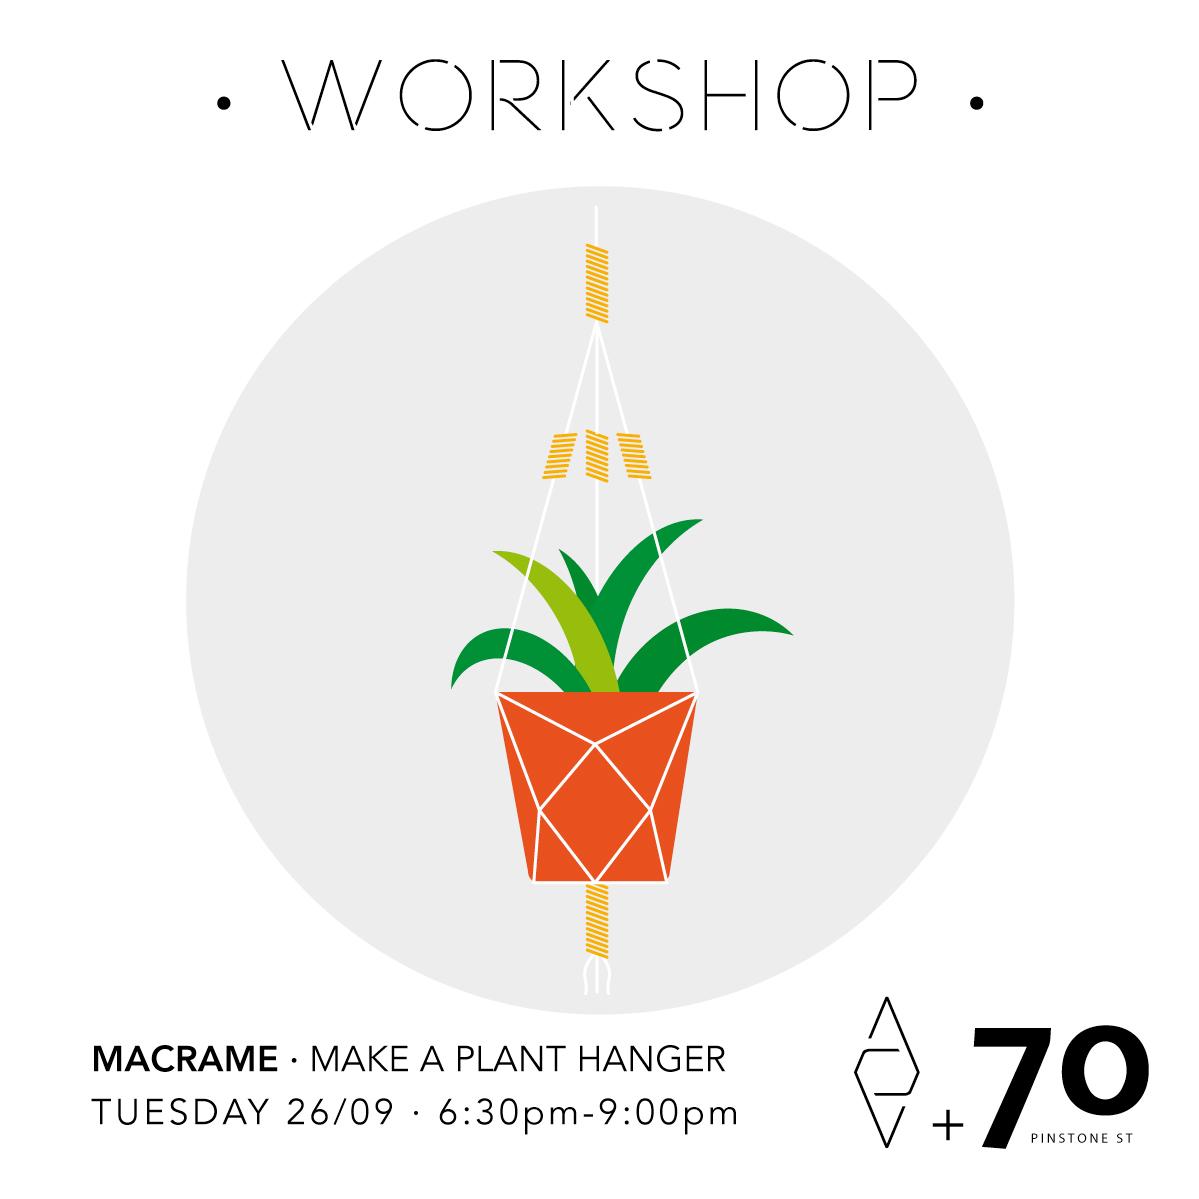 planthanger-workshop8.jpg